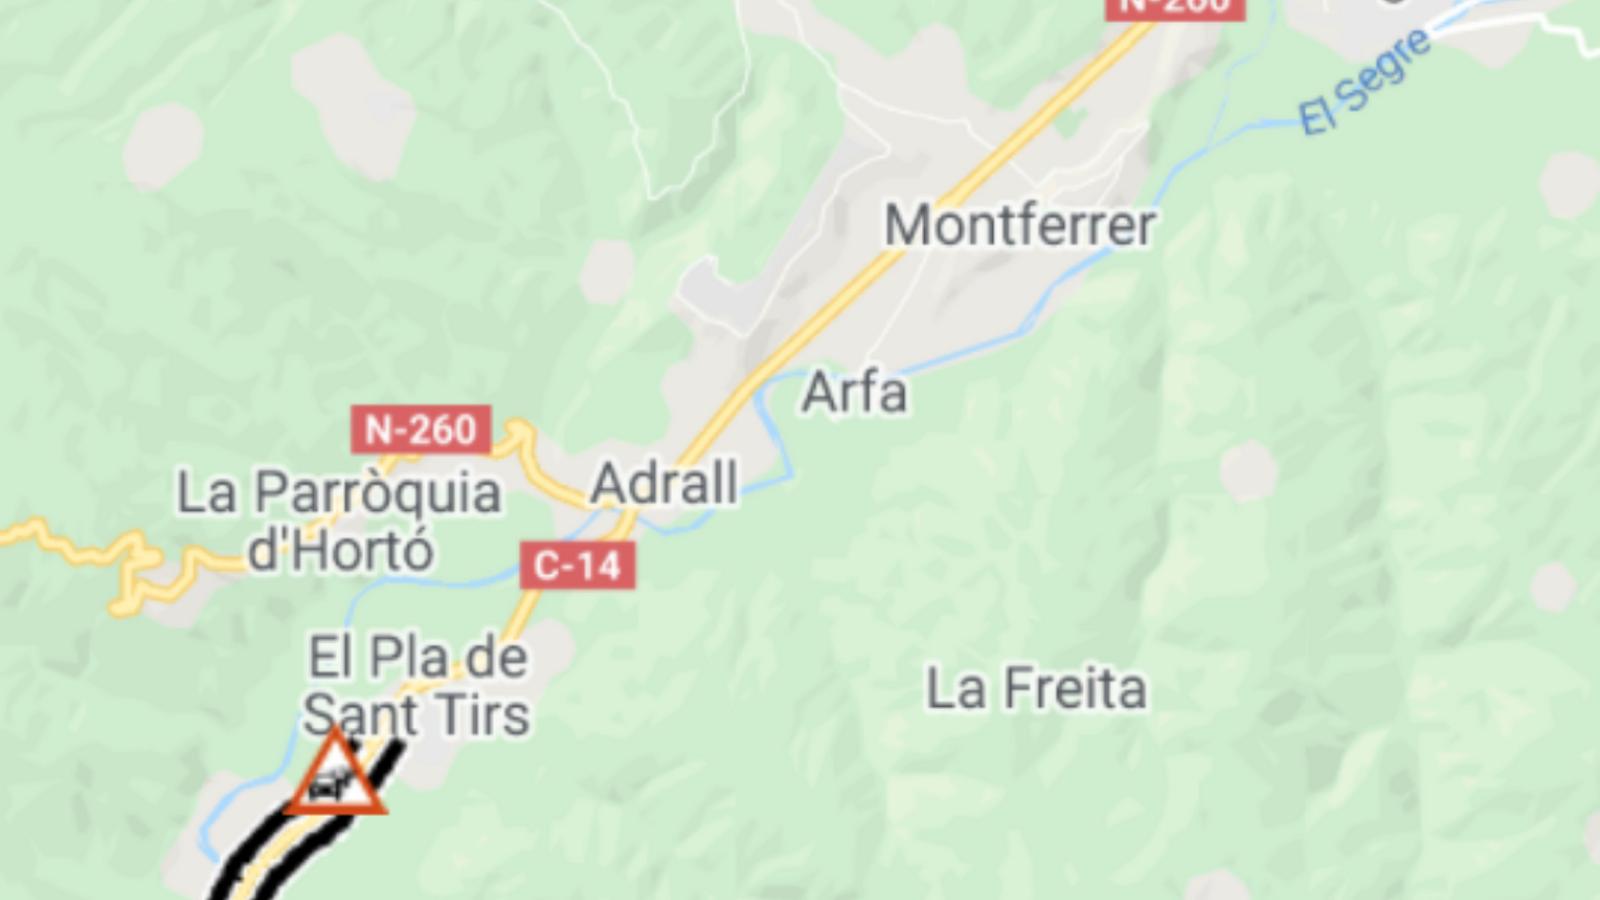 Un accident talla la carretera i provoca 2km de cua a la Ribera d'Urgellet